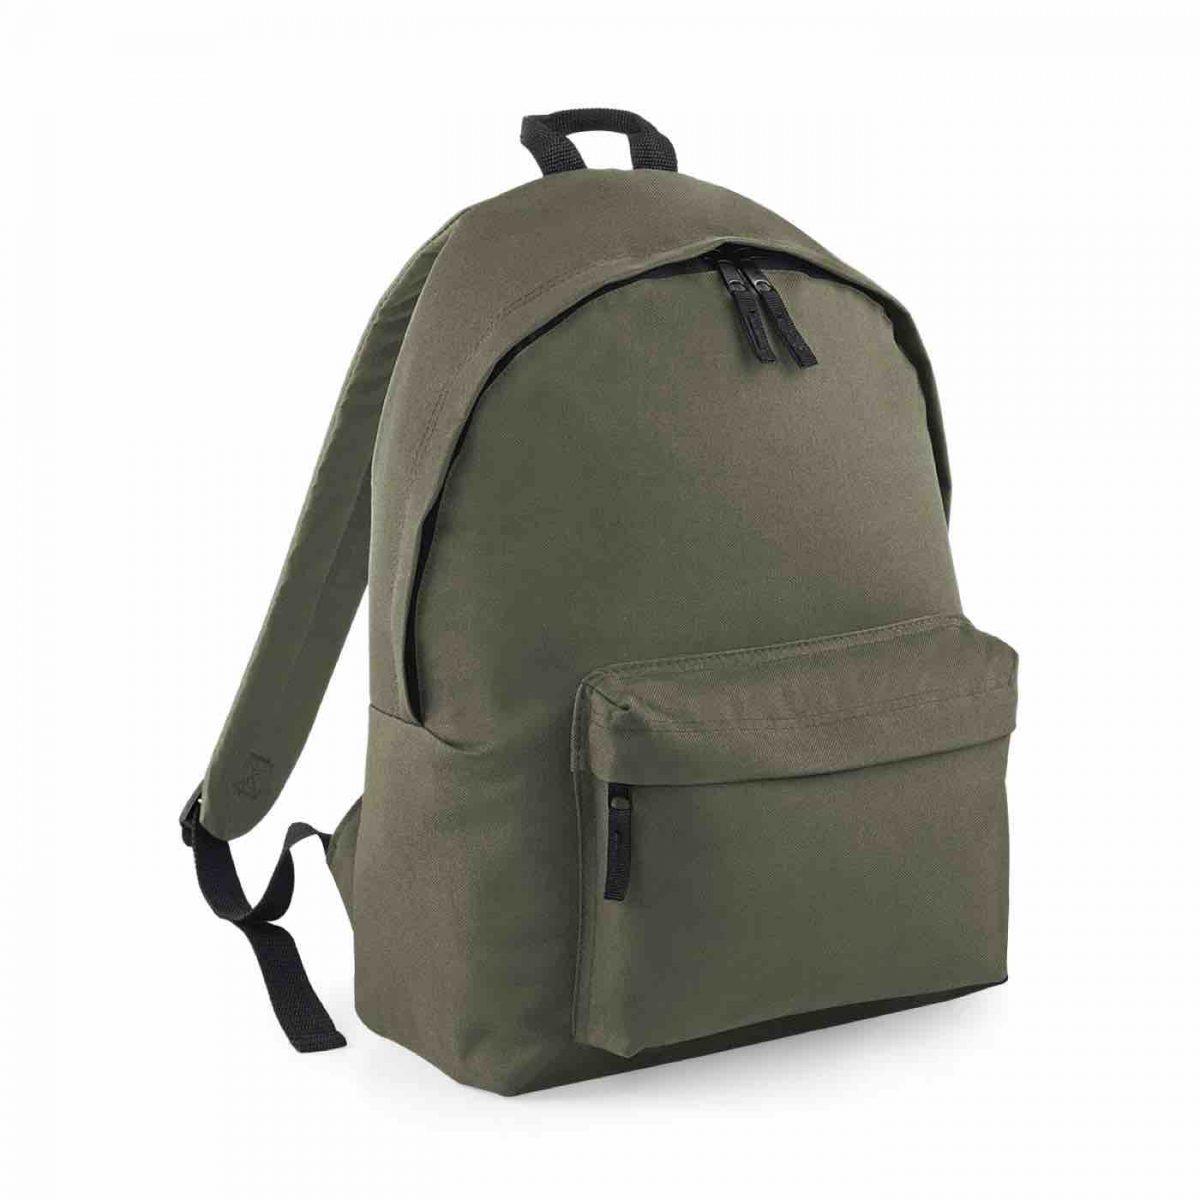 Olive Green Back Pack